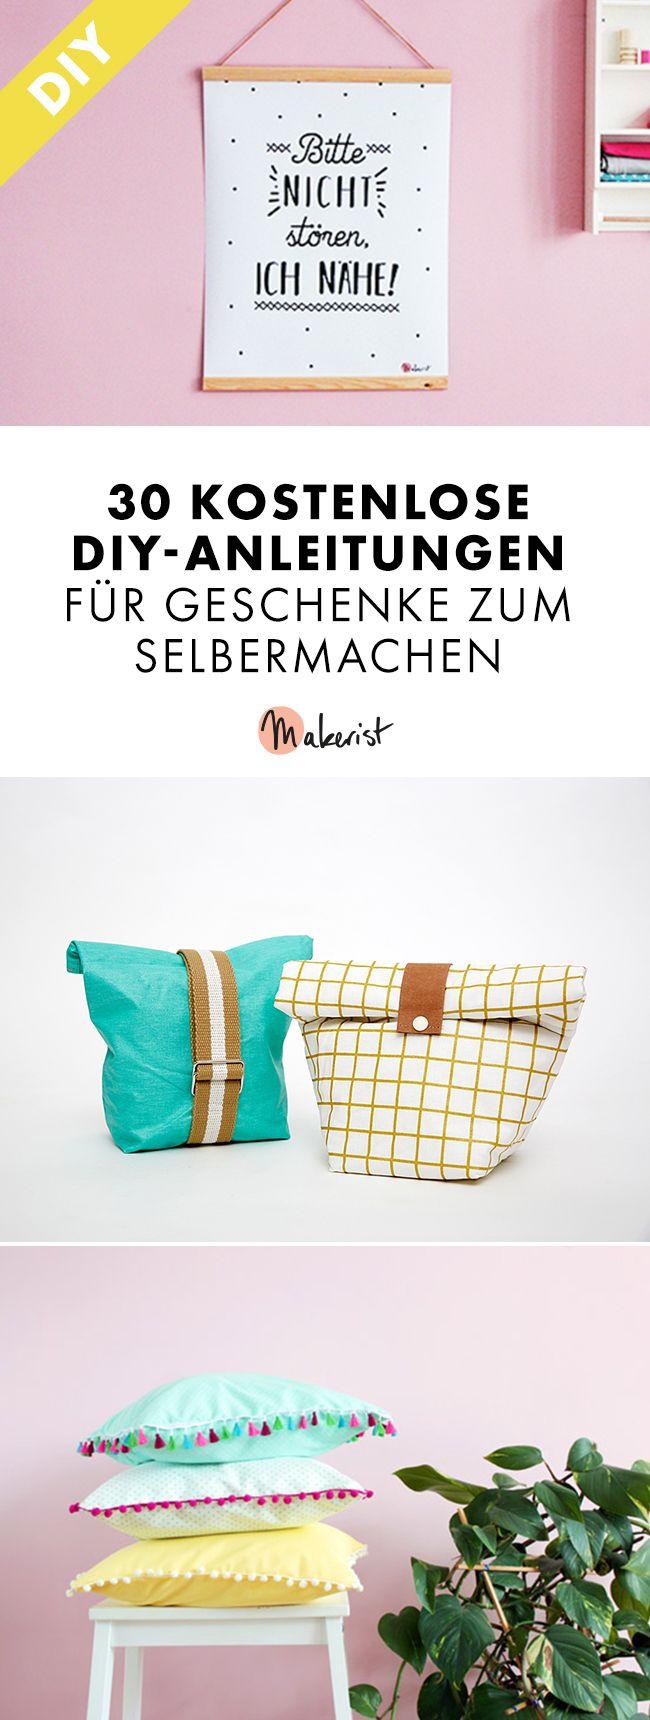 Photo of 30 kostenlose DIY-Anweisungen für DIY-Geschenke Pin (5)